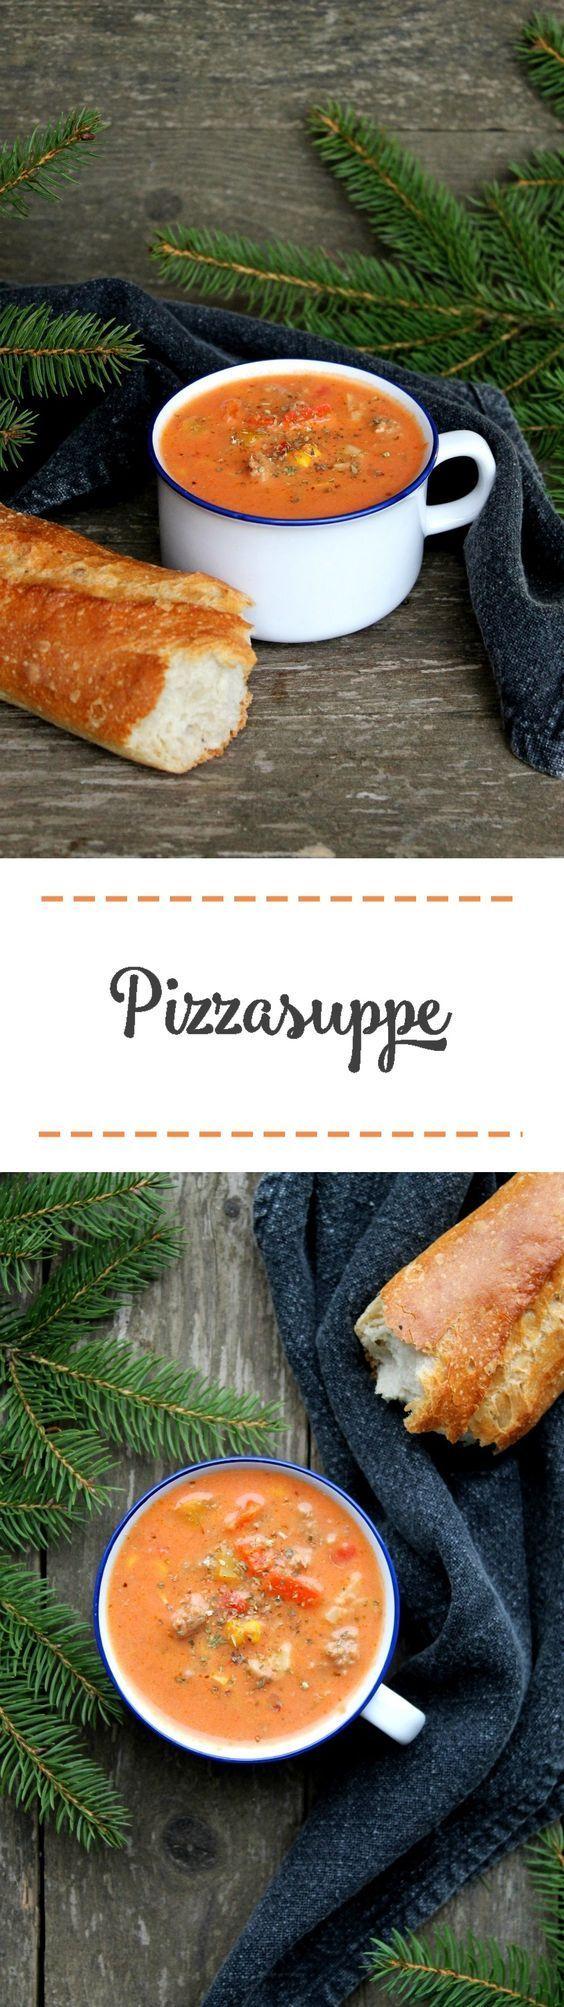 Pizzasuppe - Ein Klassiker • Schokokuss und Zuckerperle #foodporn